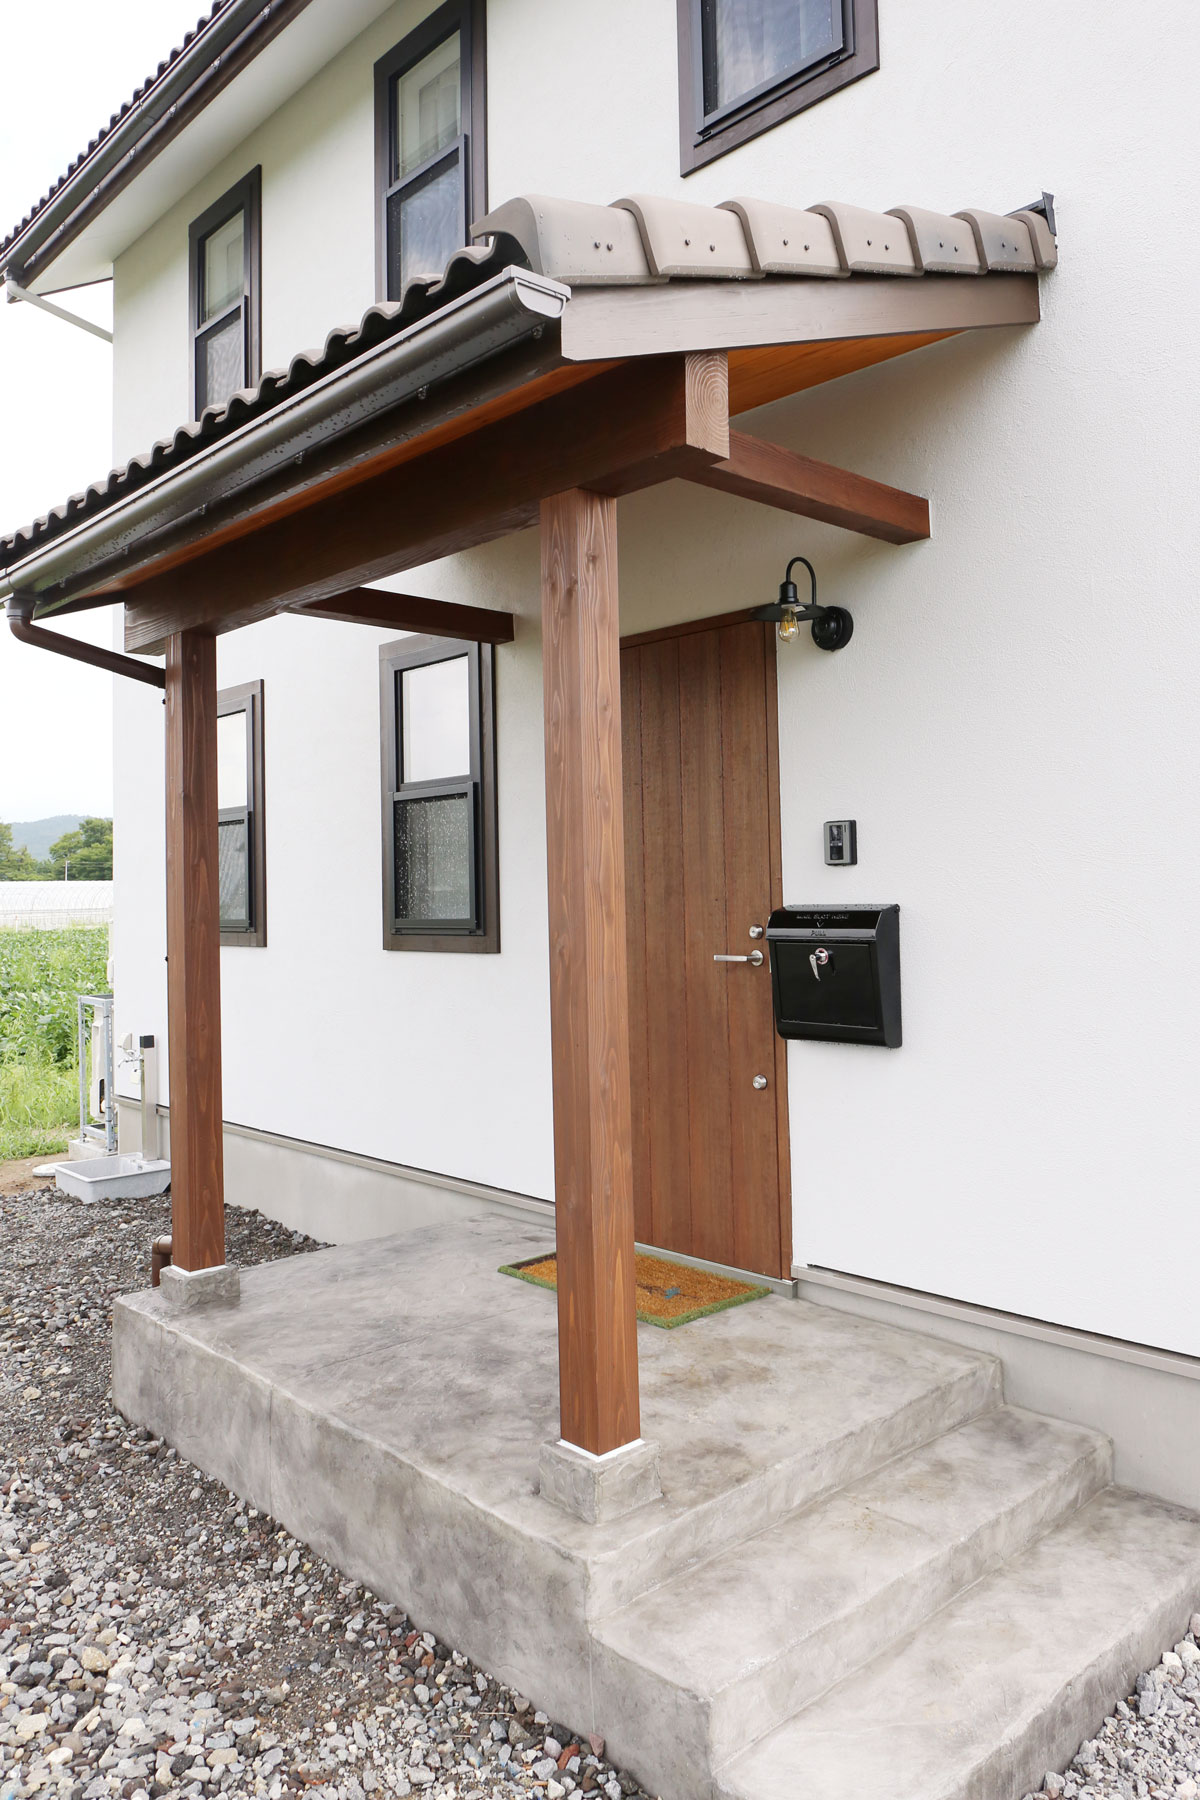 田園に佇むブルーグレーの塗壁のMamanの家。30Sタイプ。玄関ポーチ【酒田鶴岡で新築、デザイン住宅、リノベーションの工務店 ナチュラル工房伊藤住宅】